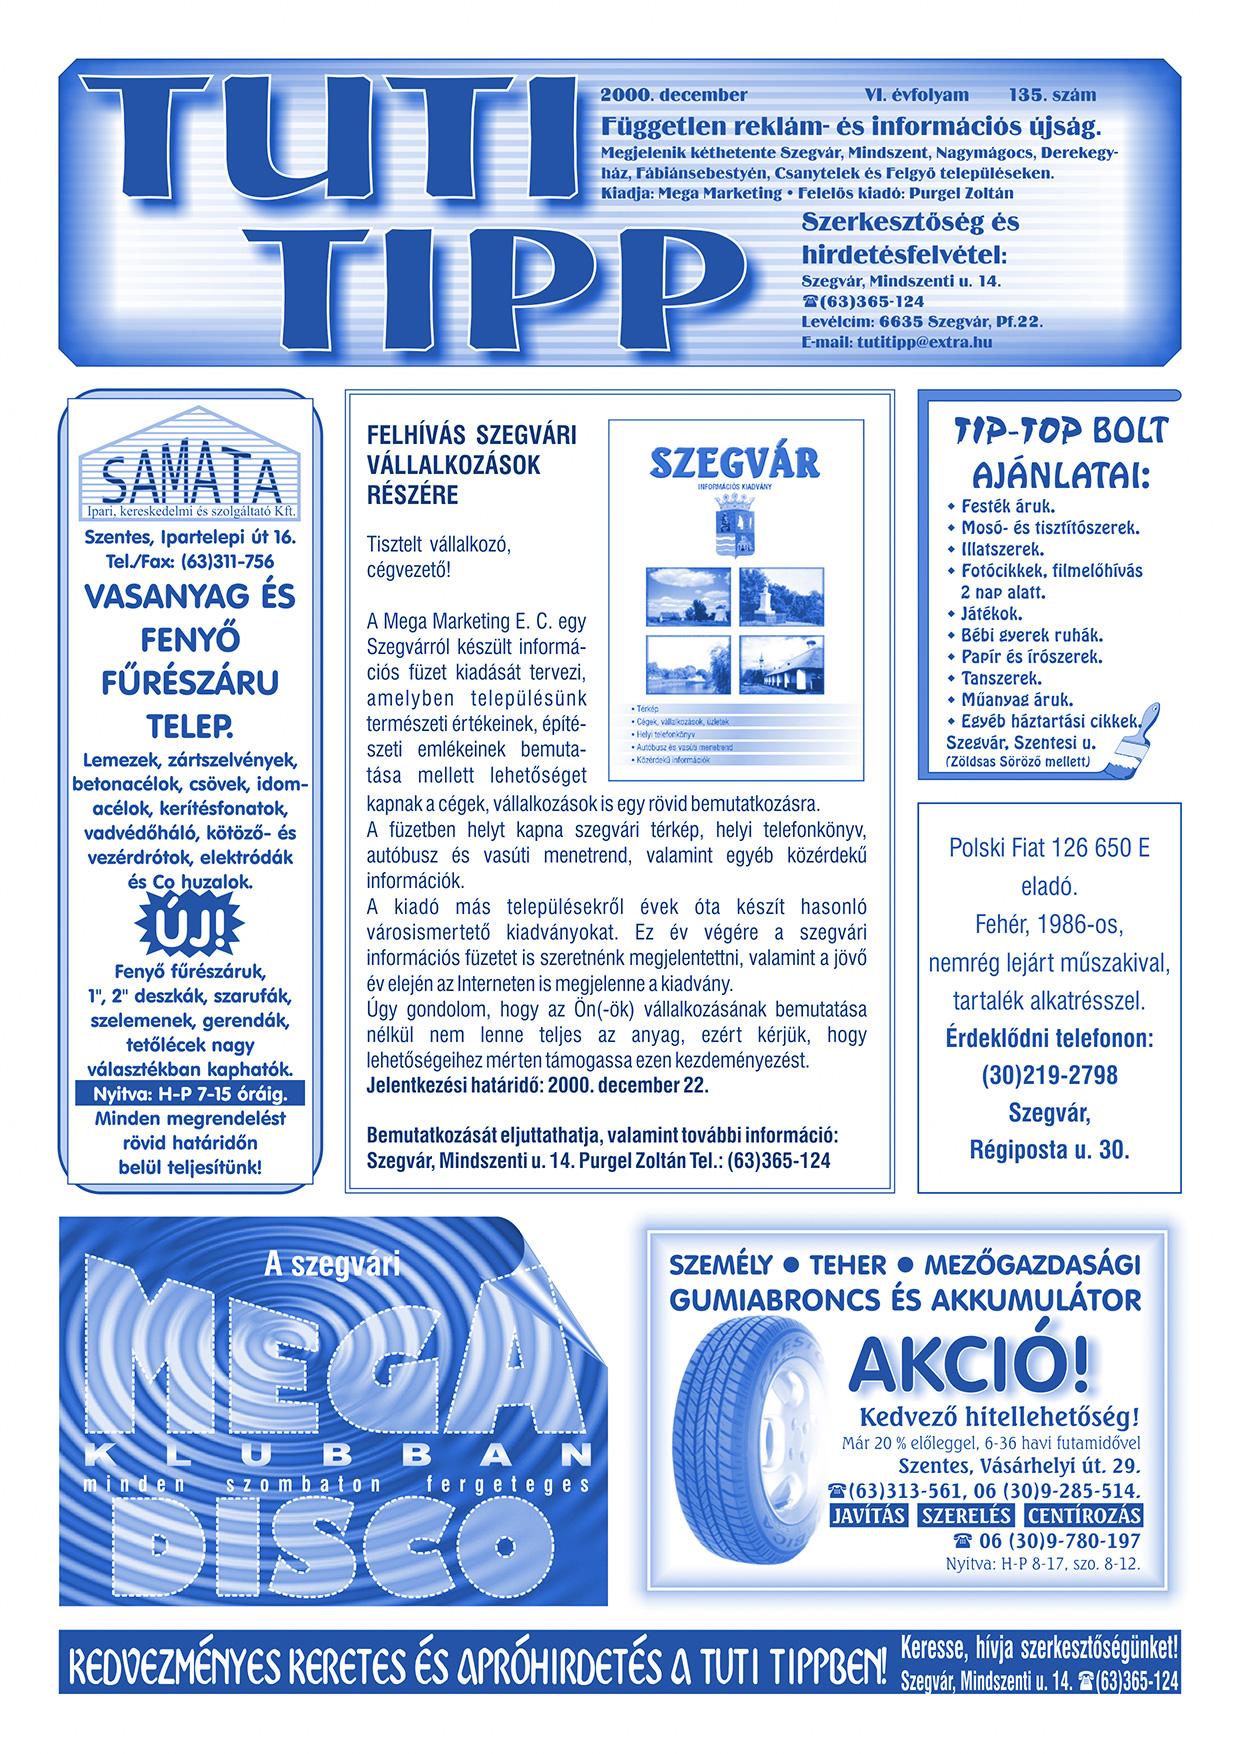 023 Tuti Tipp reklámújság - 200012-135. lapszám - 1.oldal - VI. évfolyam.jpg